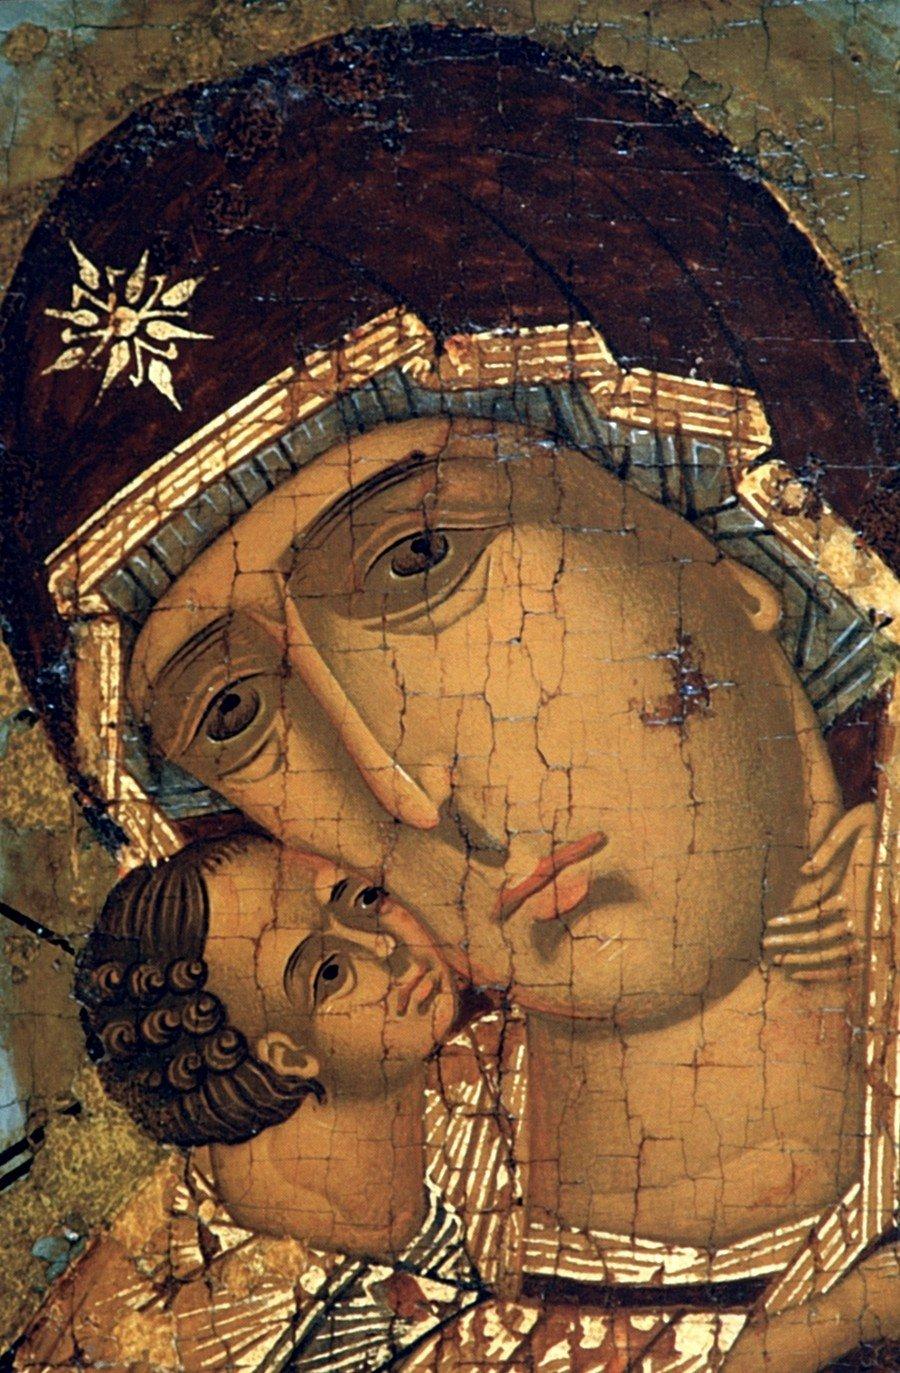 Владимирская икона Божией Матери. Москва, 1560 - 1570-е годы. Фрагмент.